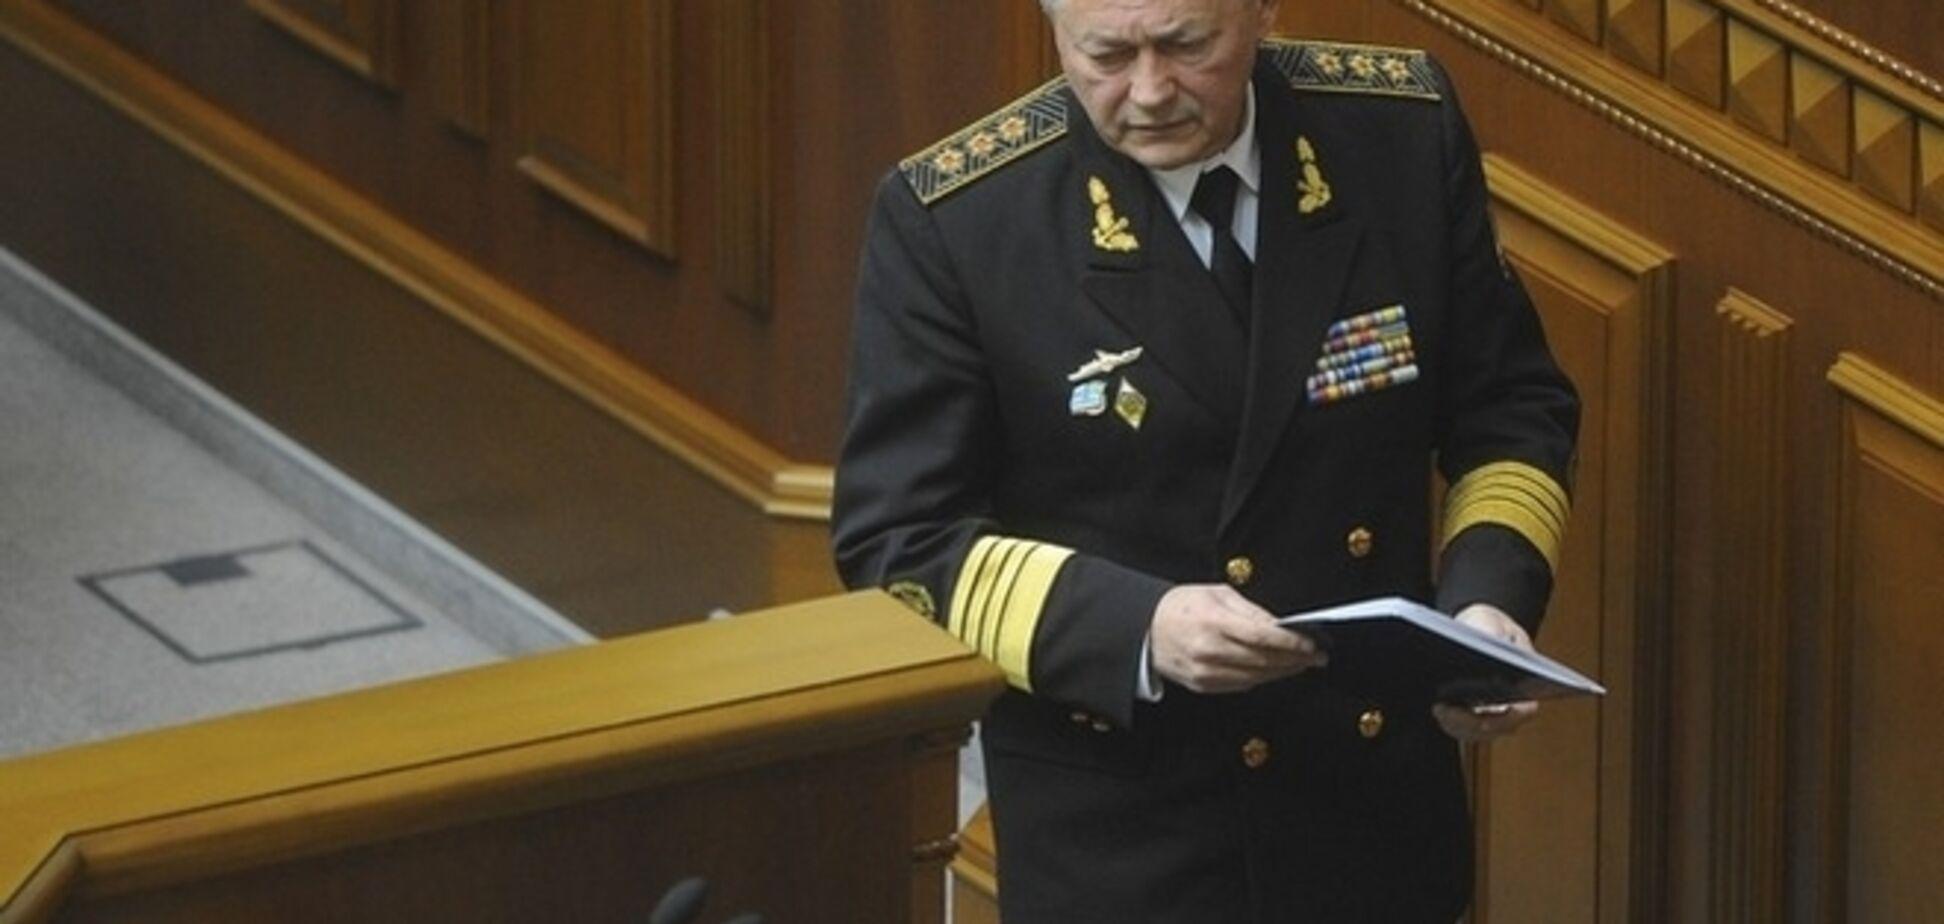 Экс-глава Минобороны: ВС Украины спланированно уничтожали с 2010 года